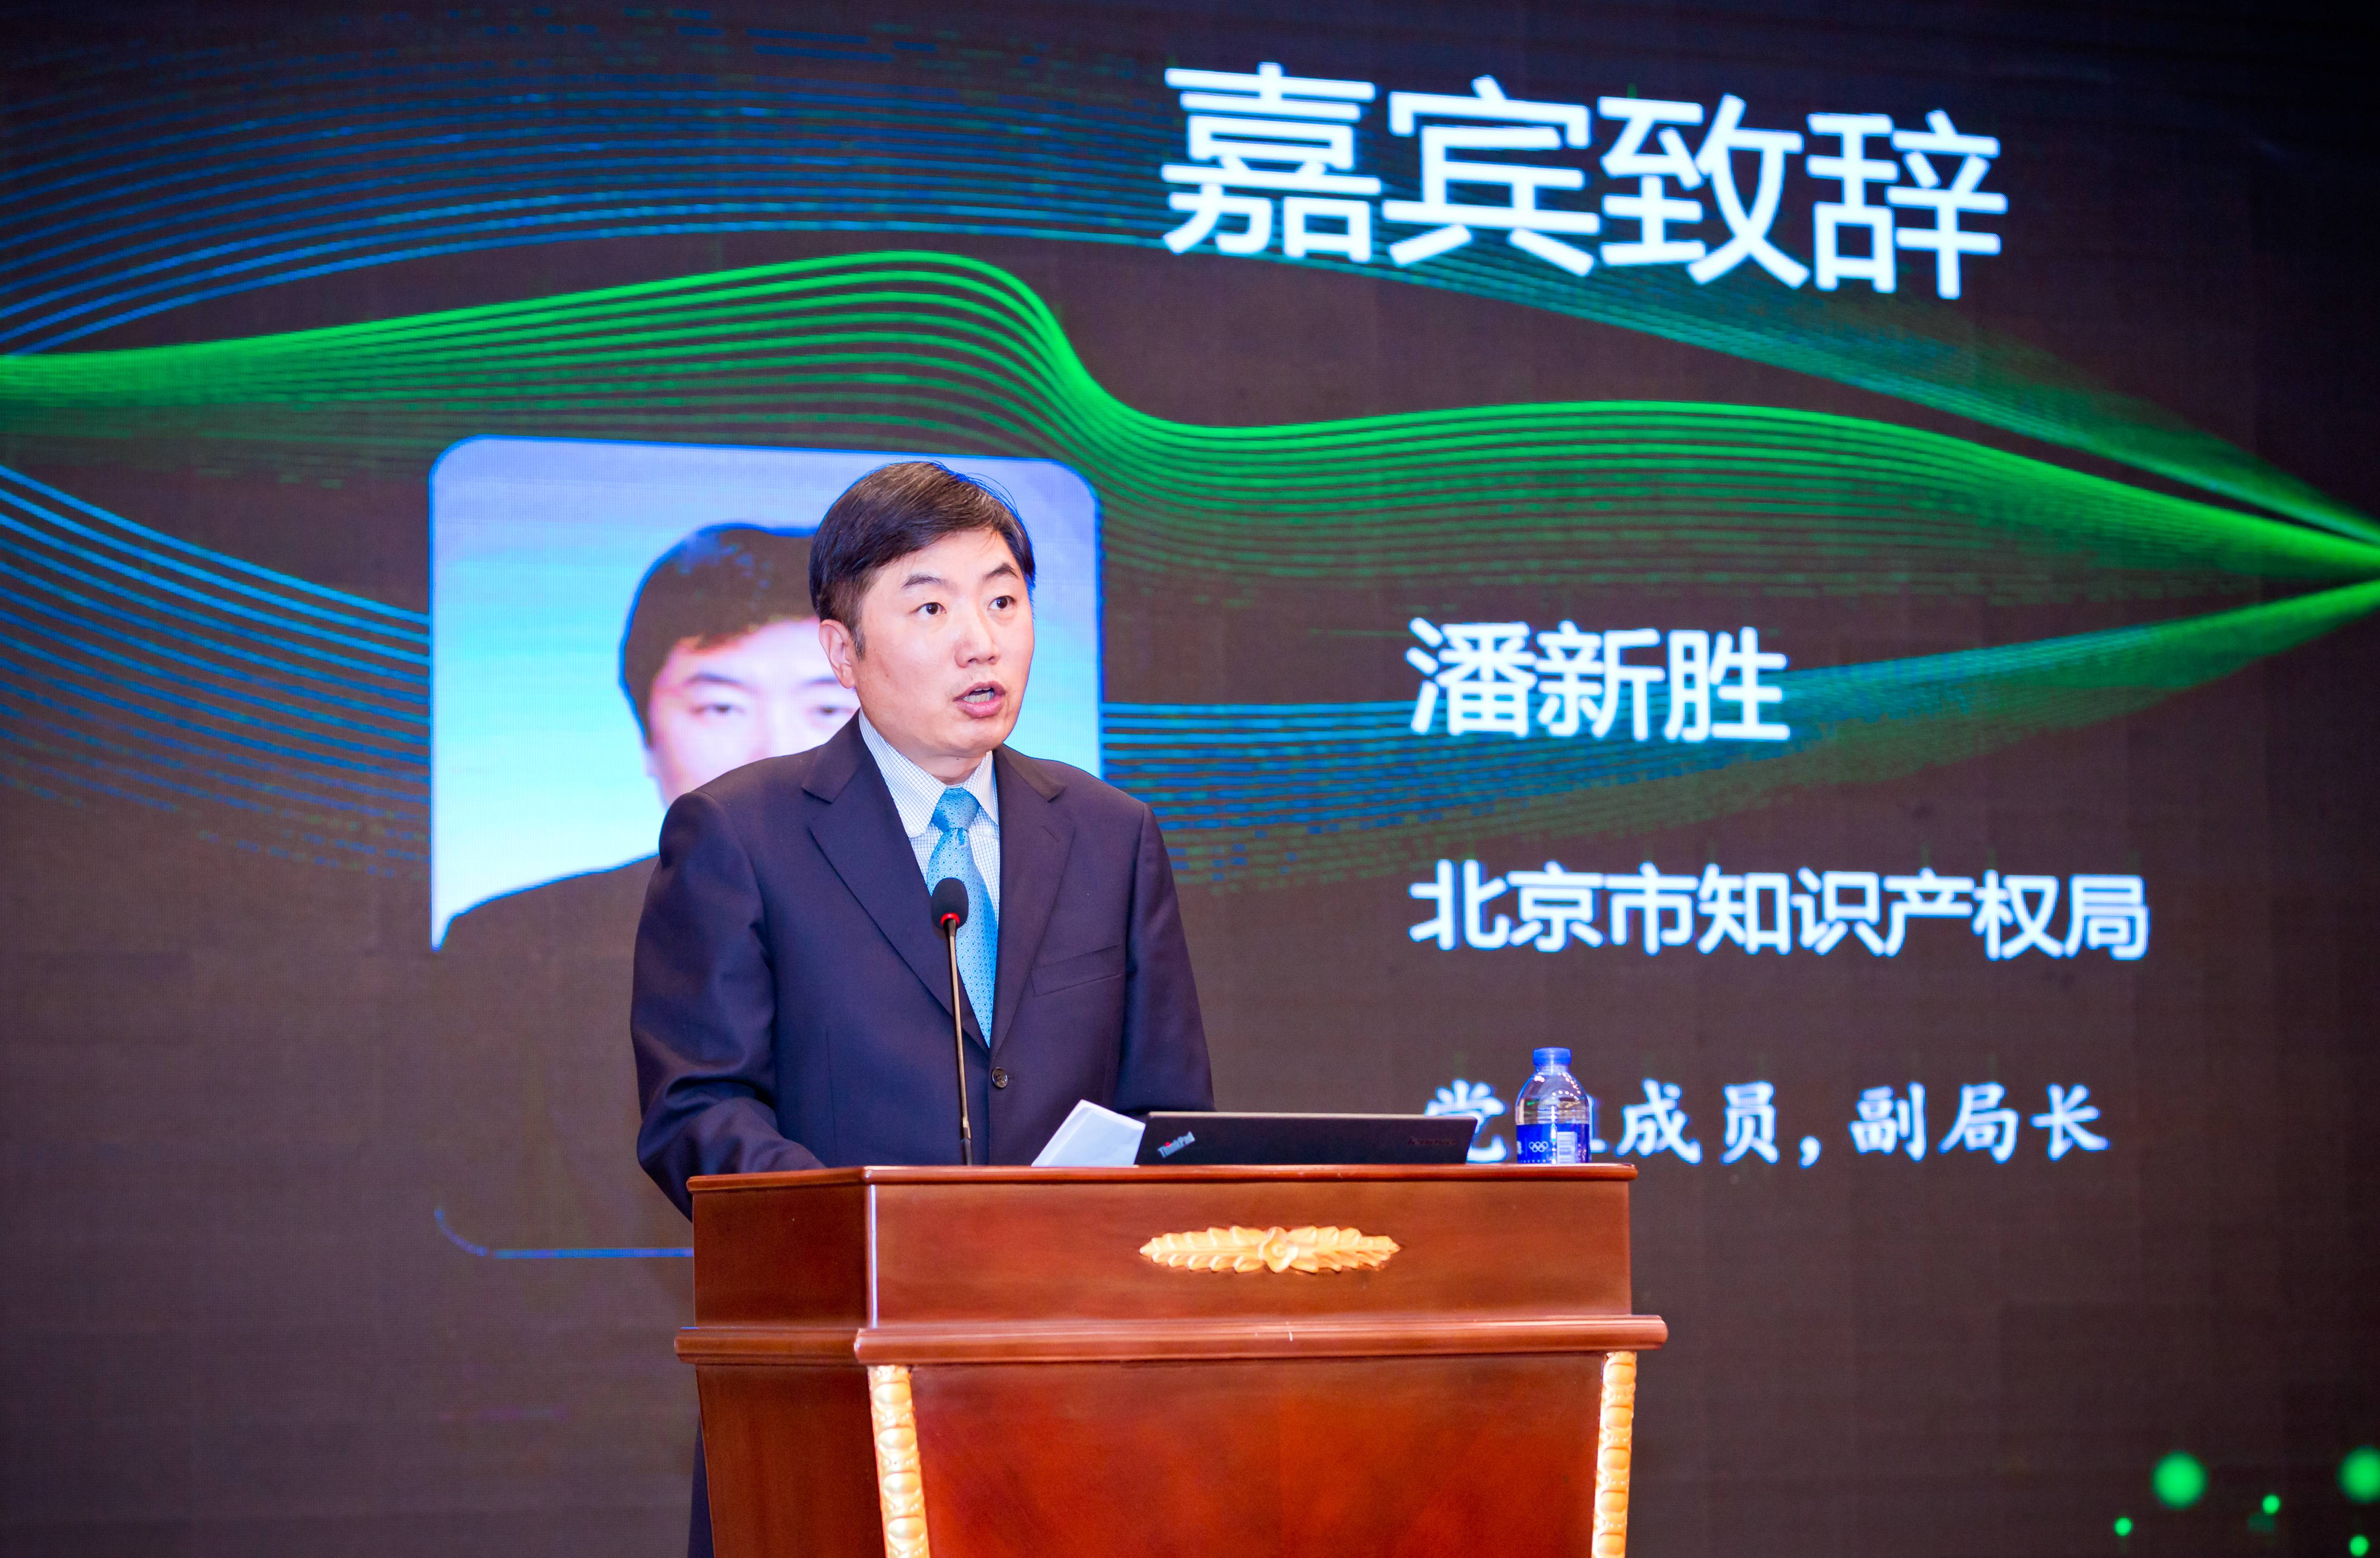 北京市知识产权局副局长潘新胜.jpg.jpg